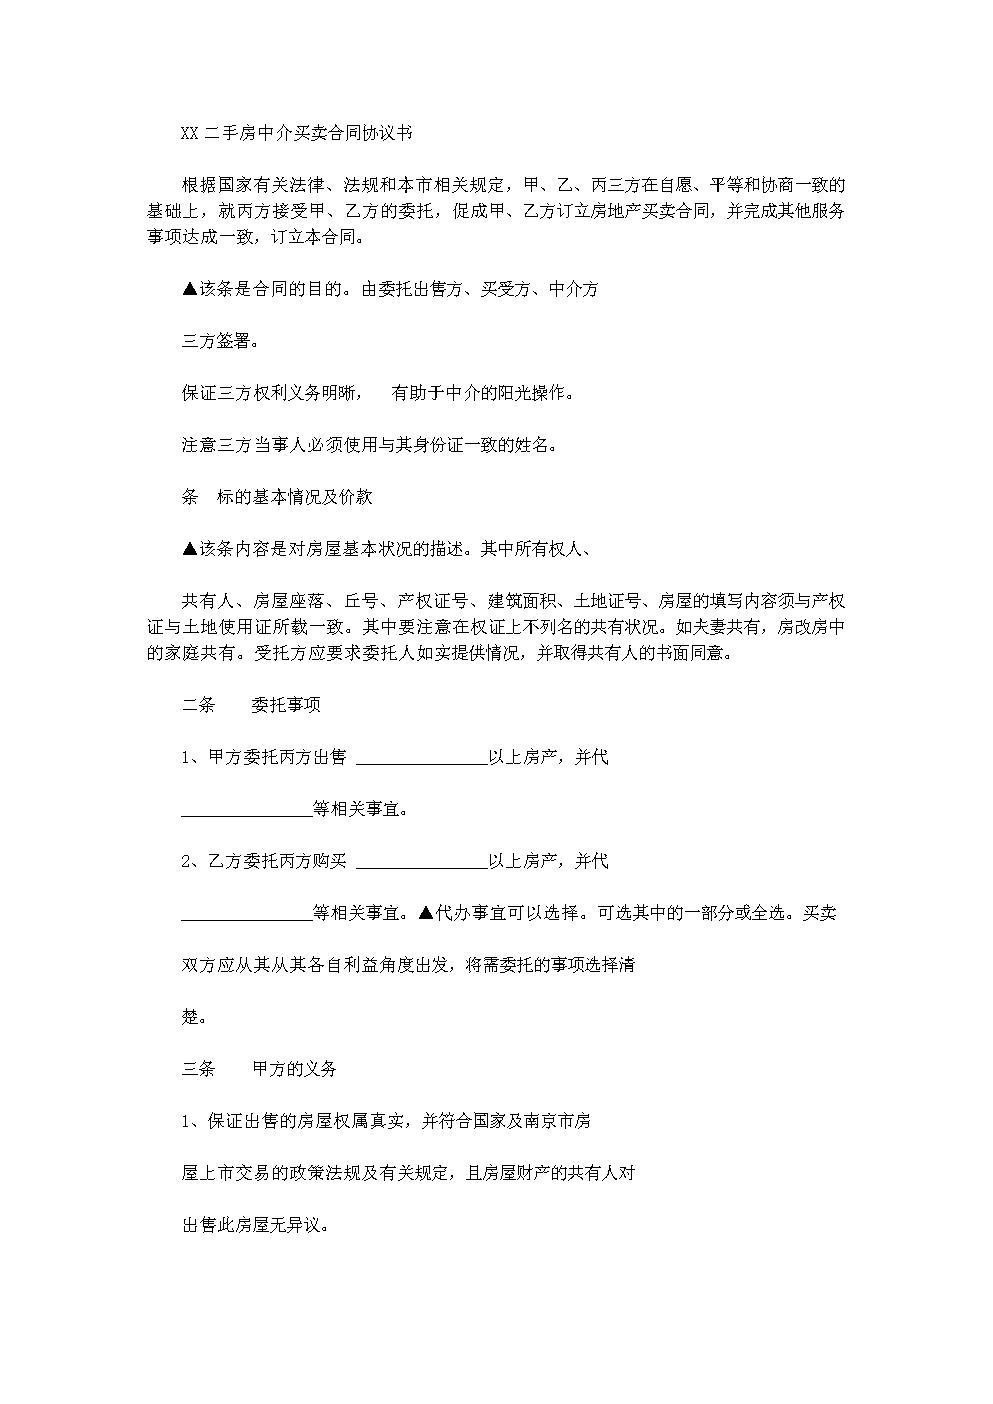 XX二手房中介买卖标准合同协议书例文.doc